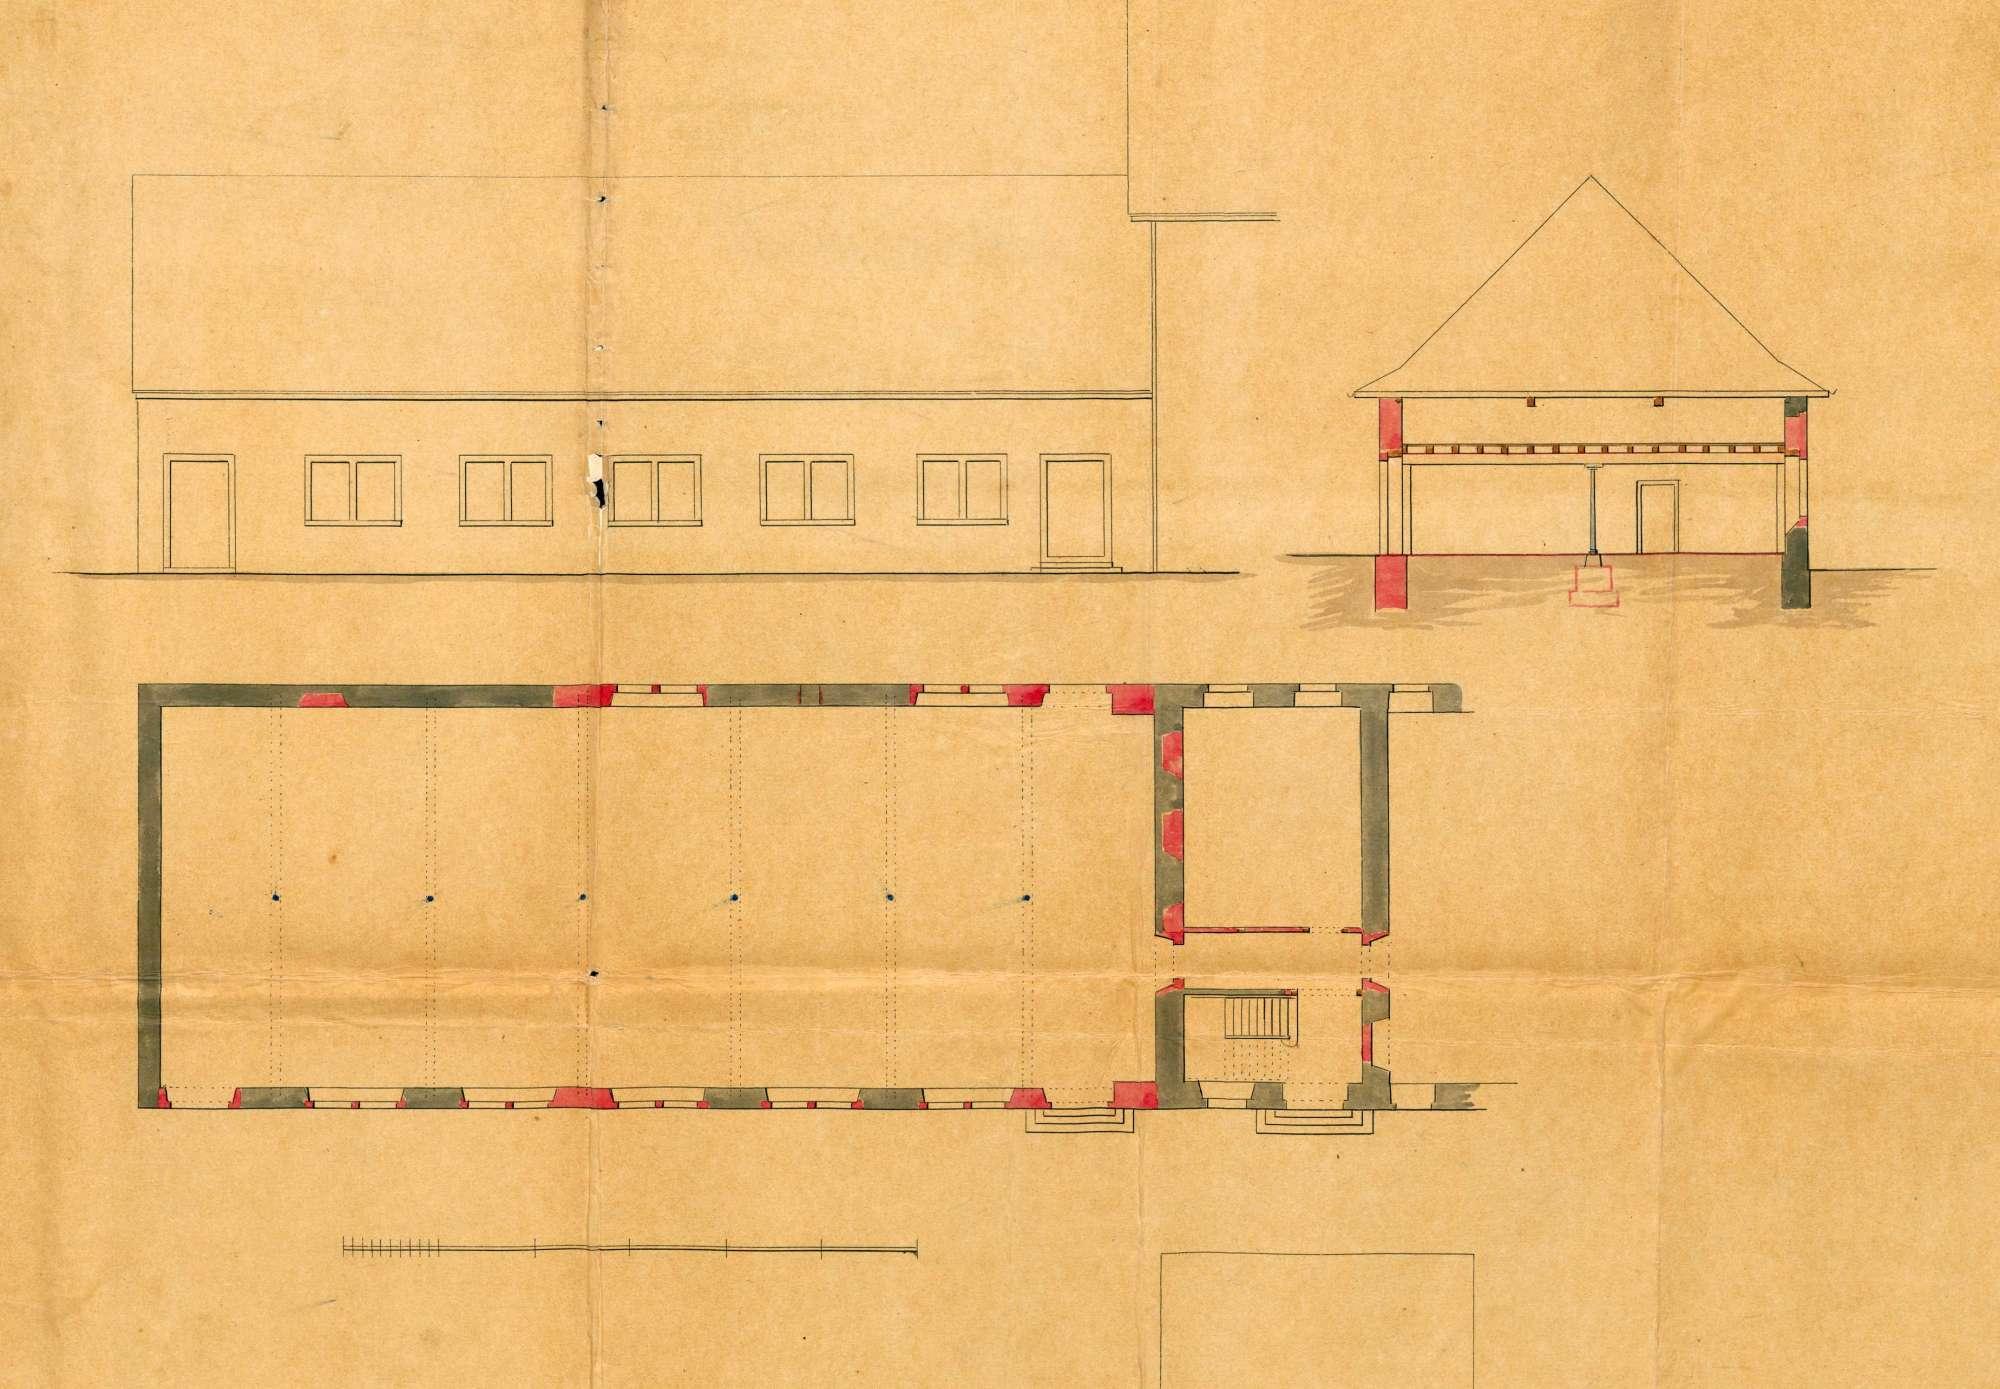 Erwerb von Liegenschaften durch Louis Merian von Basel zur Errichtung einer Maschinenfabrik in Höllstein; Um- und Erweiterungsbauten an der Fabrik, Bild 1